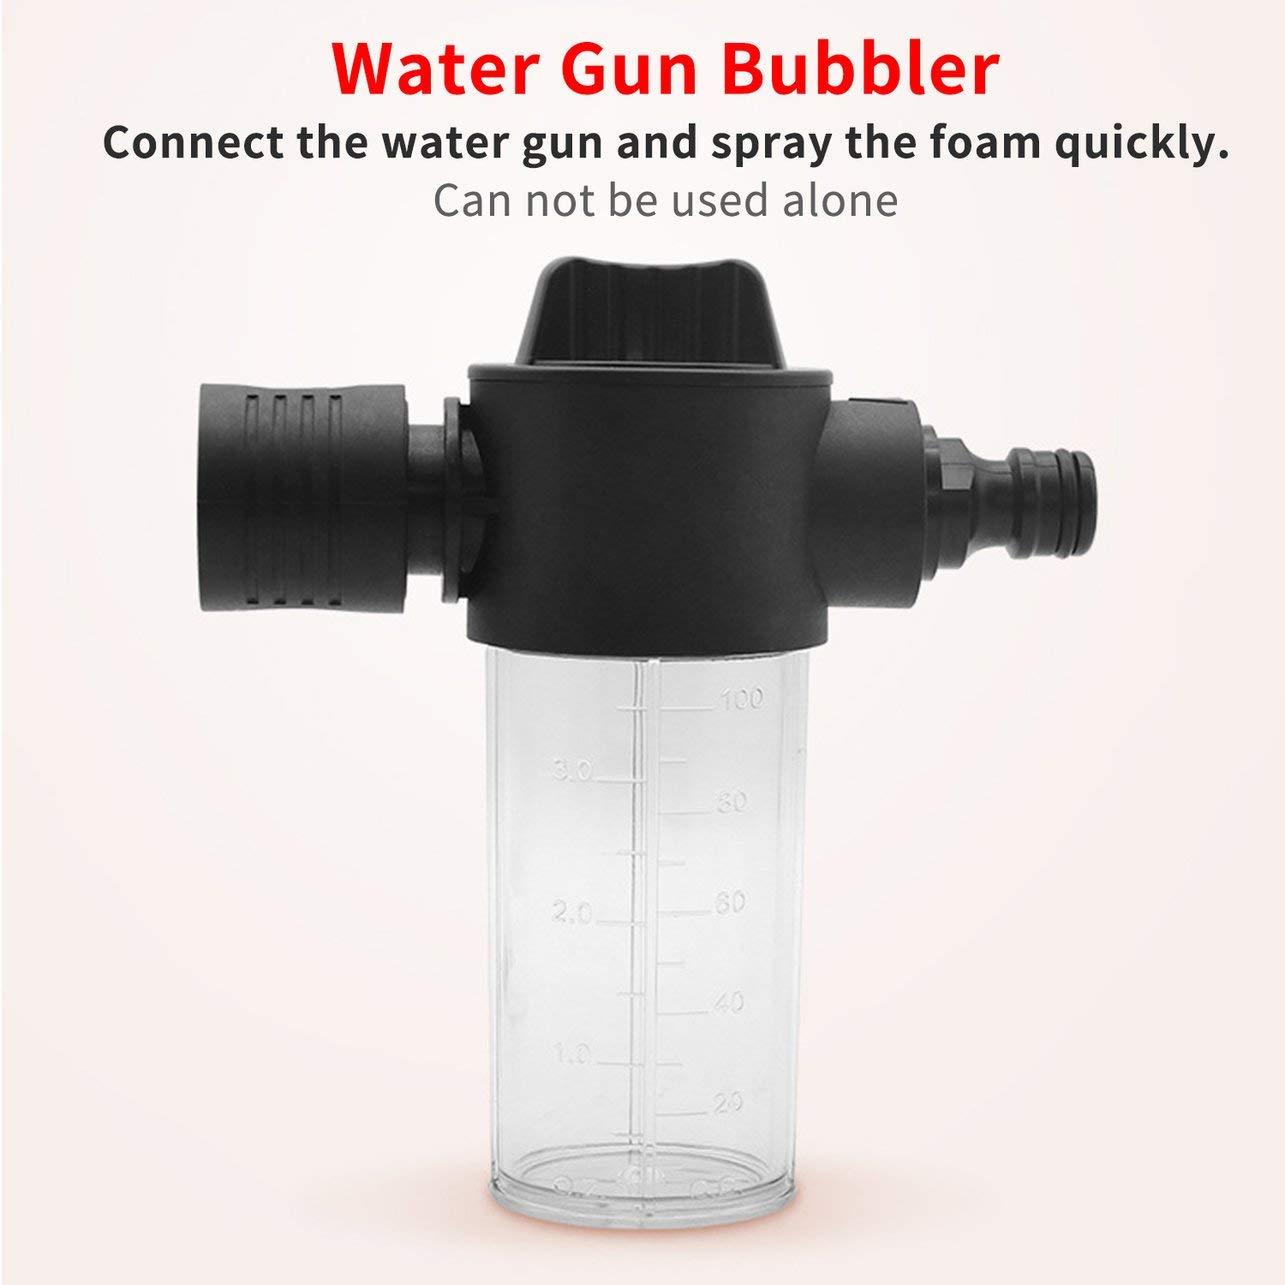 Pistola de agua del coche Espuma de olla 100 ML Lavadora de coches Olla de espuma Lanza Limpiar Herramienta de lavado de coches Profesionales de autom/óviles Autom/óviles Herramientas de lavado